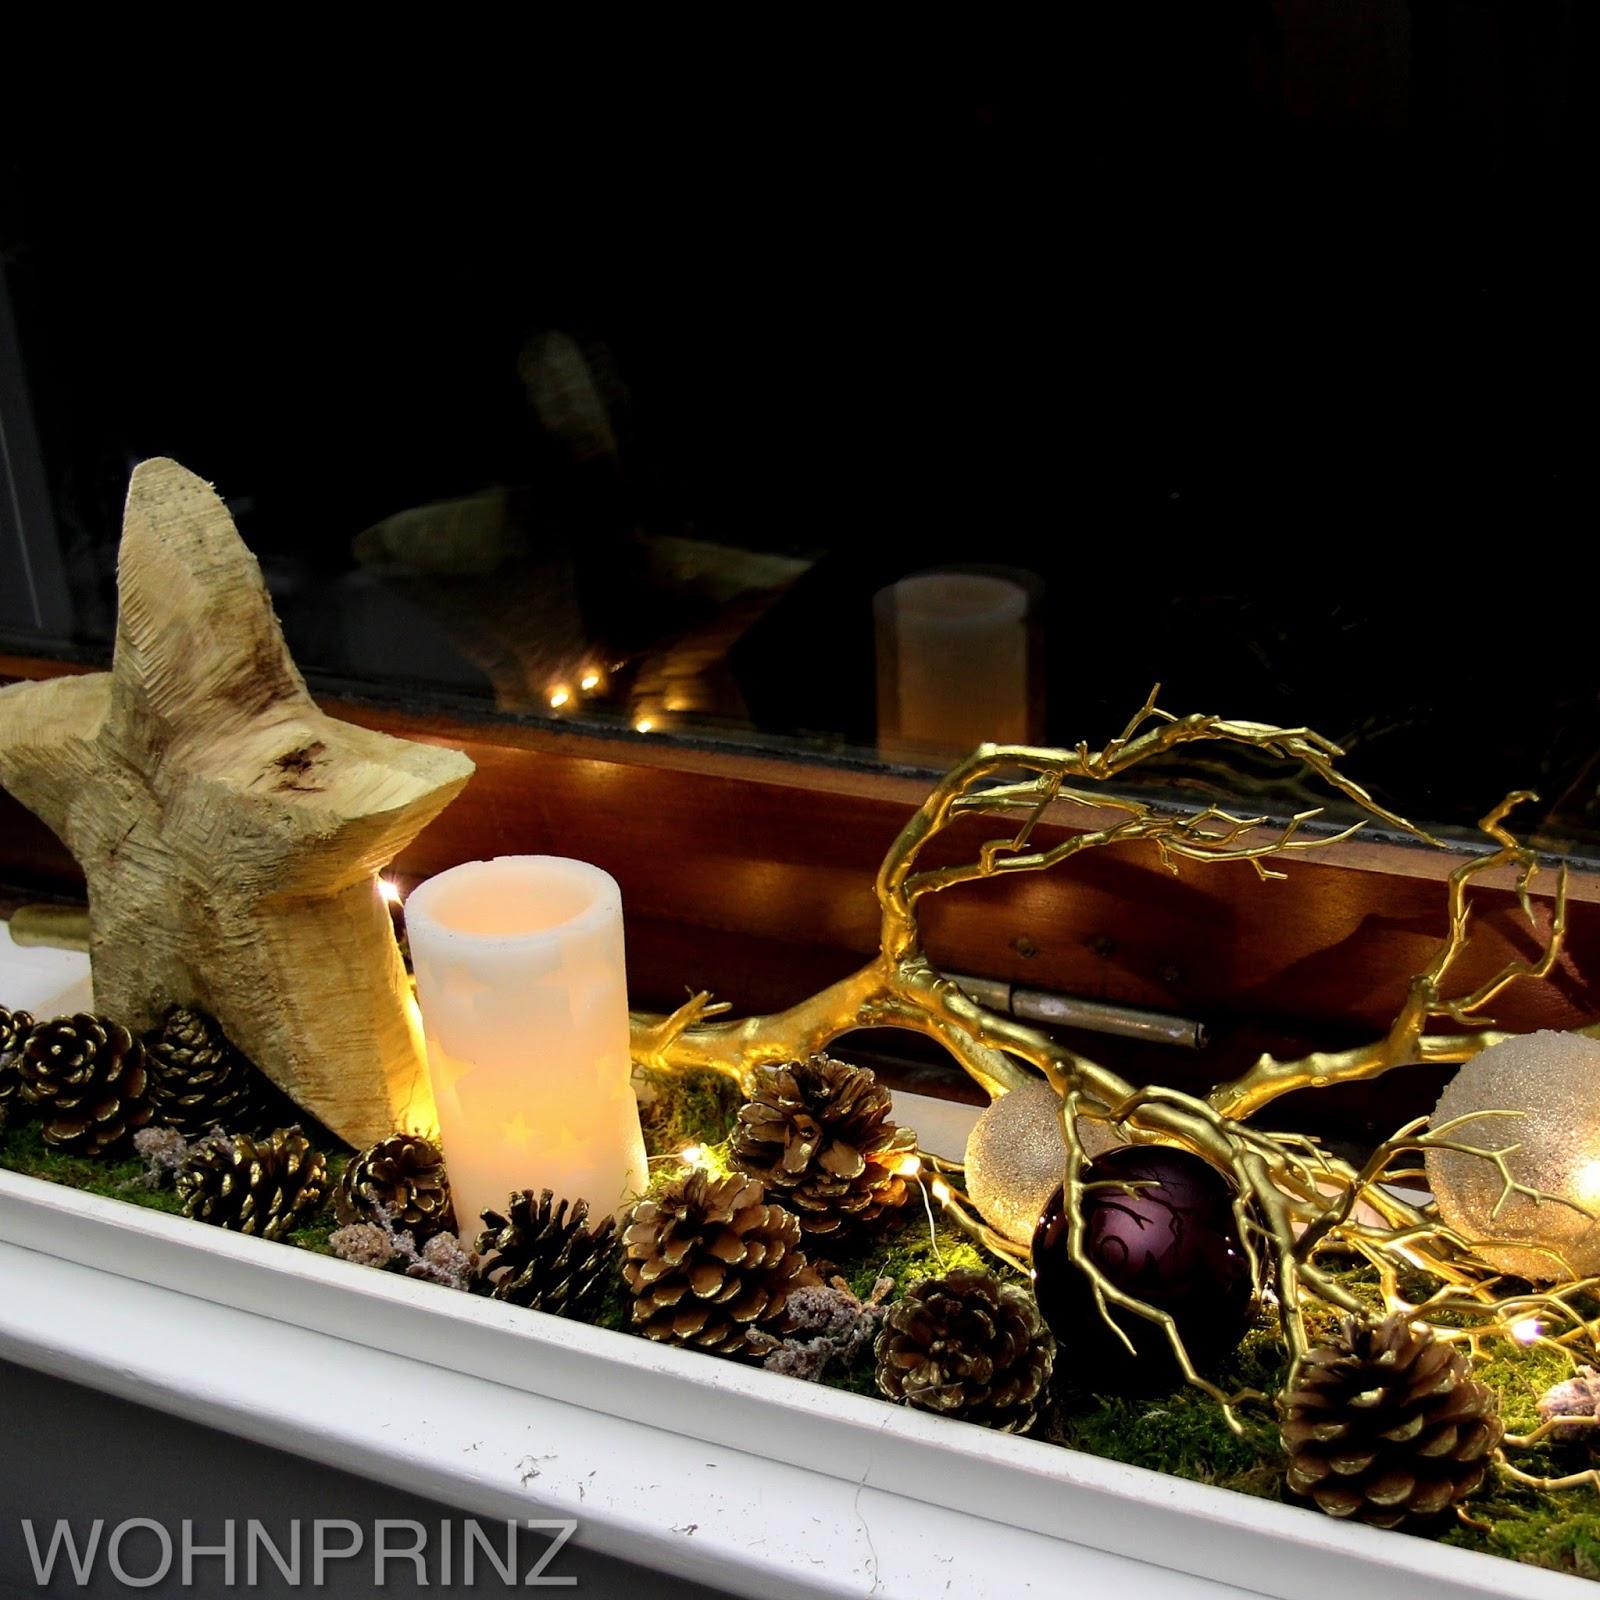 bastian der wohnprinz wohnblogger im videoformat fensterbank weihnachtlich dekorieren. Black Bedroom Furniture Sets. Home Design Ideas